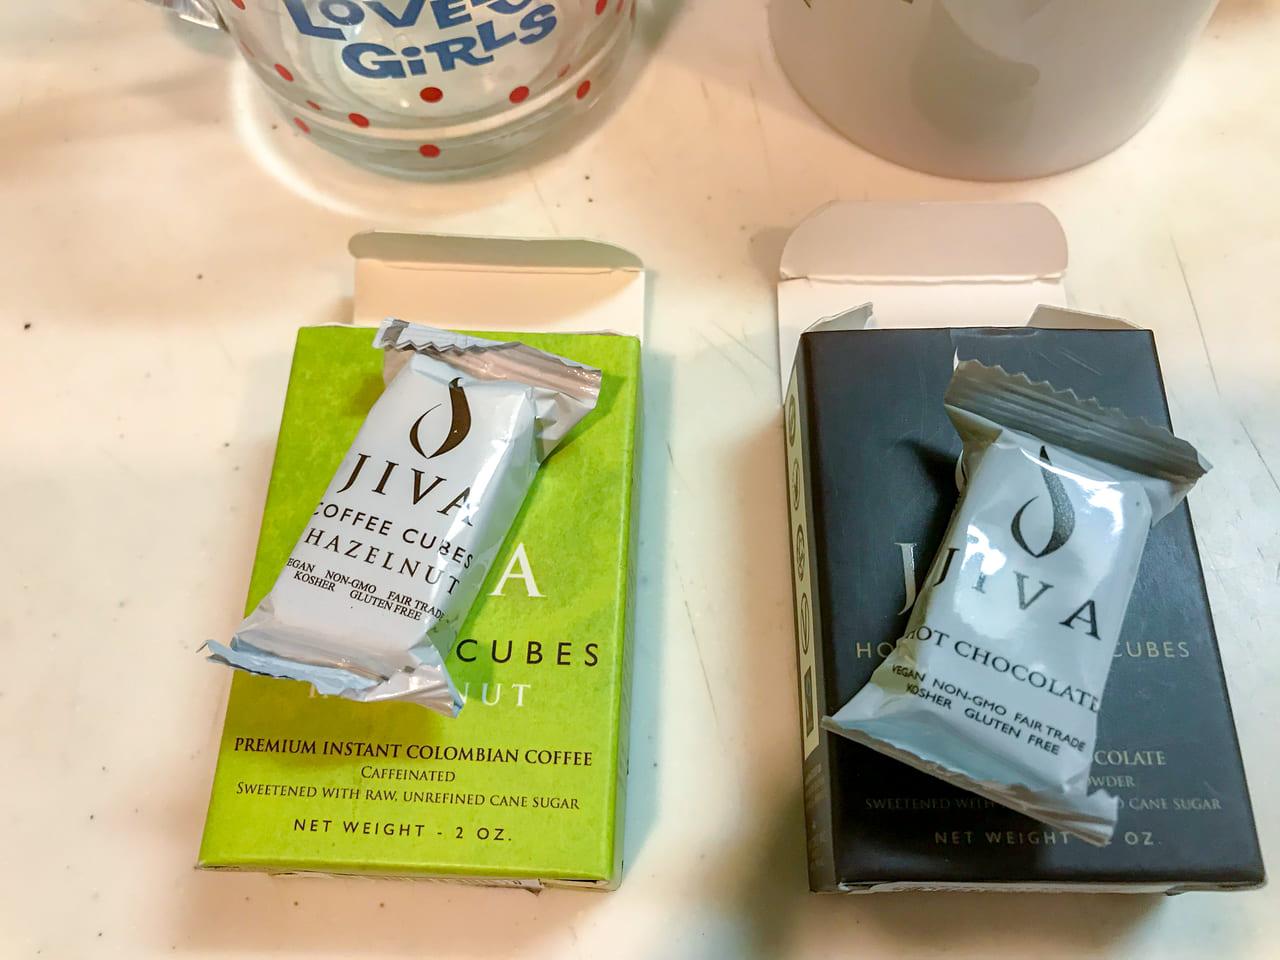 /個包装されたJIVAのコーヒーキューブ